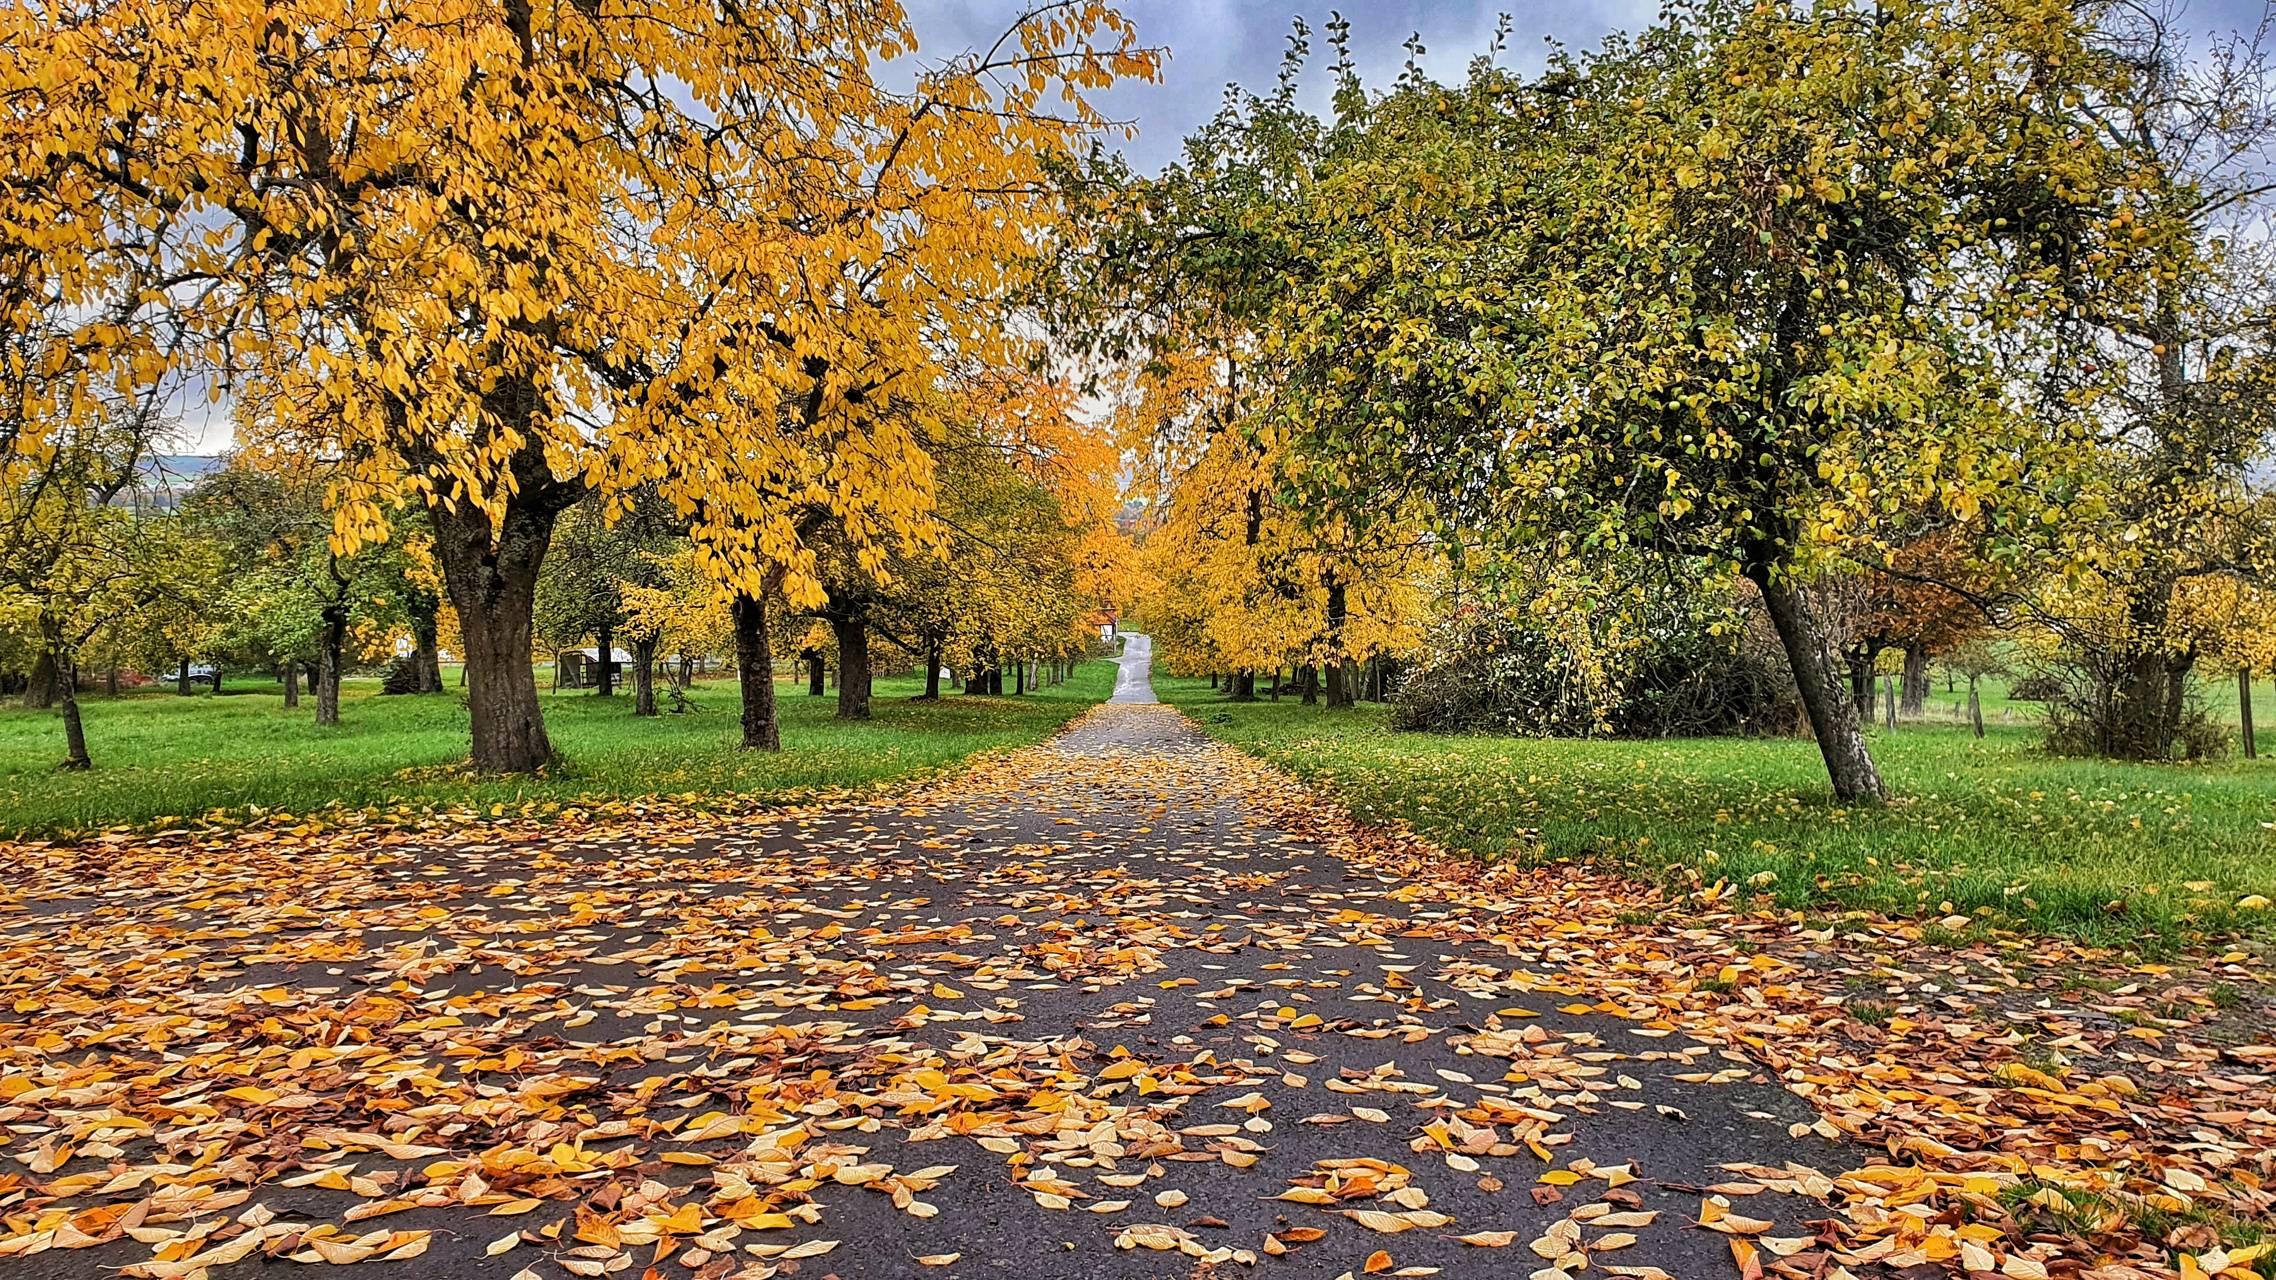 Herbst in Wetterau